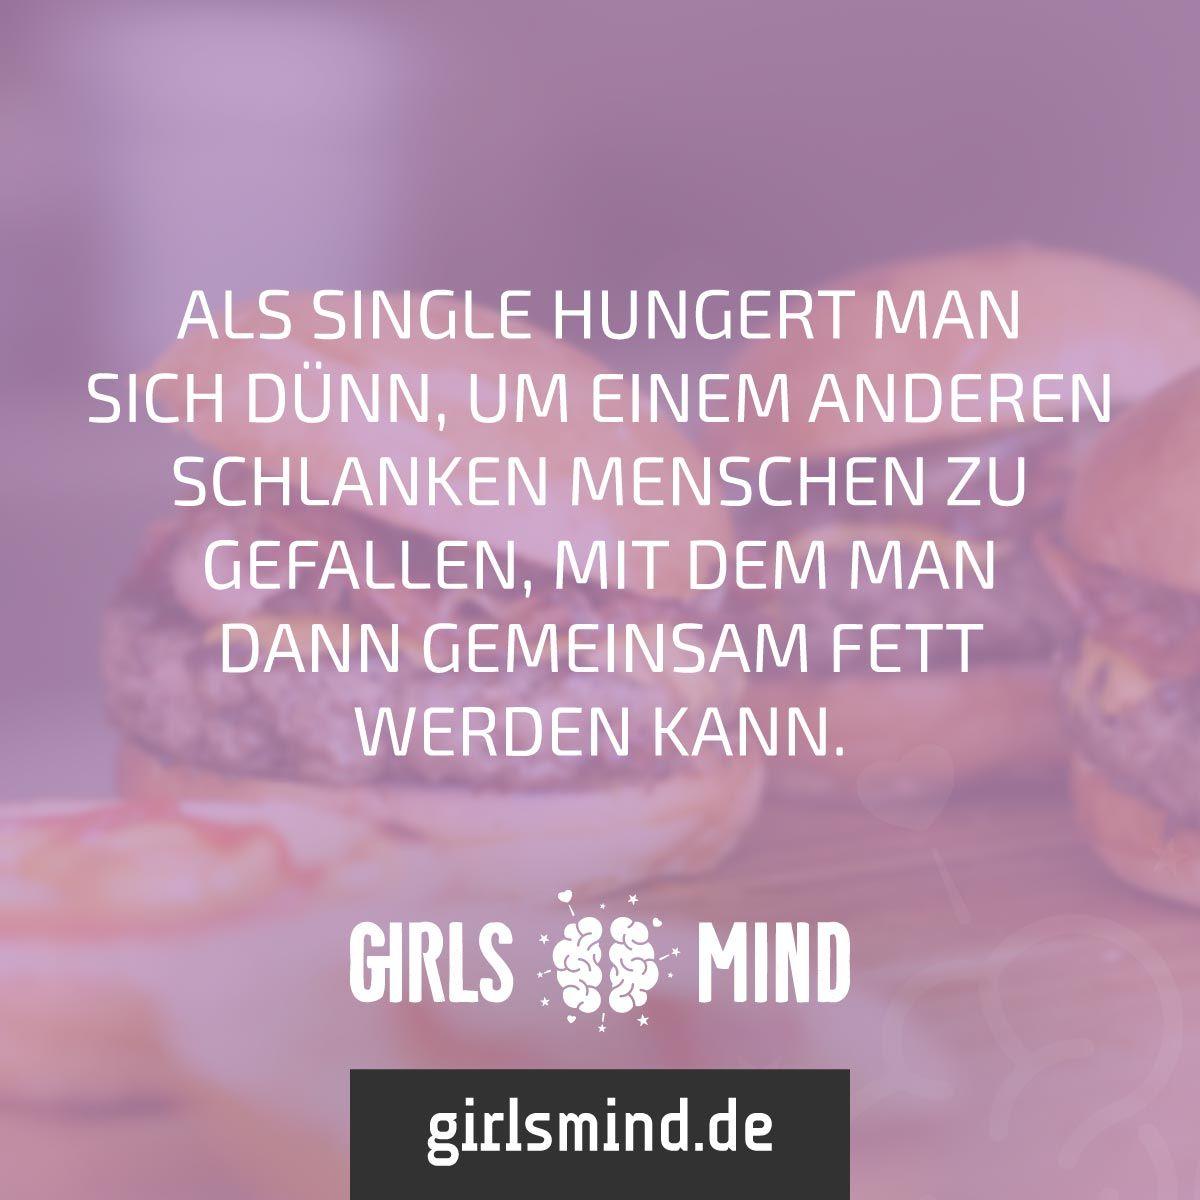 mehr sprüche auf: www.girlsmind.de #essen #hunger #abendessen